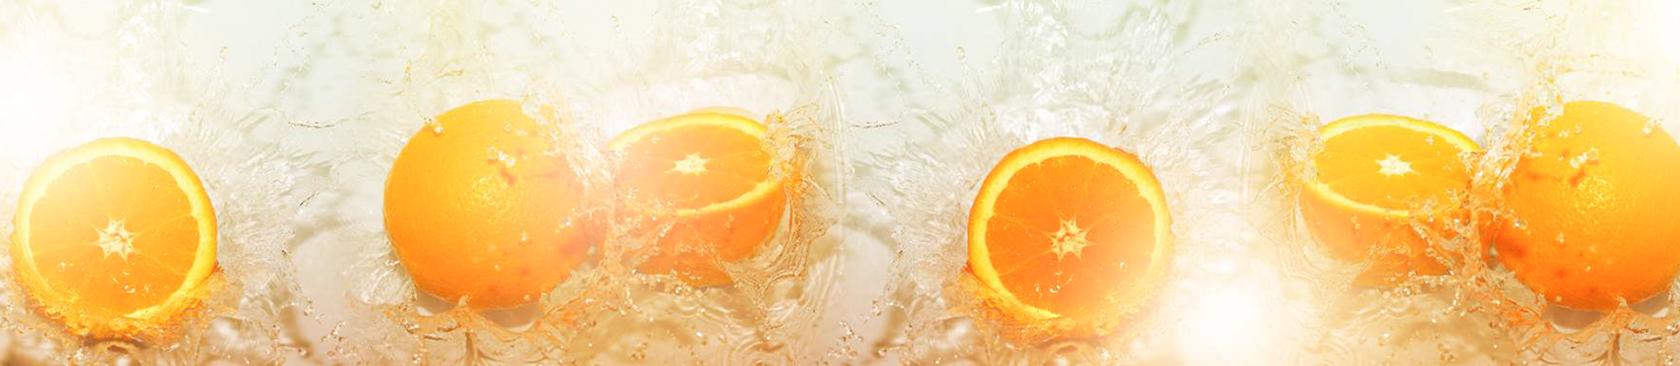 Стеновая панель ПМ Стеновая панель MSK Апельсины длина 280 см, глянец MSK Апельсины